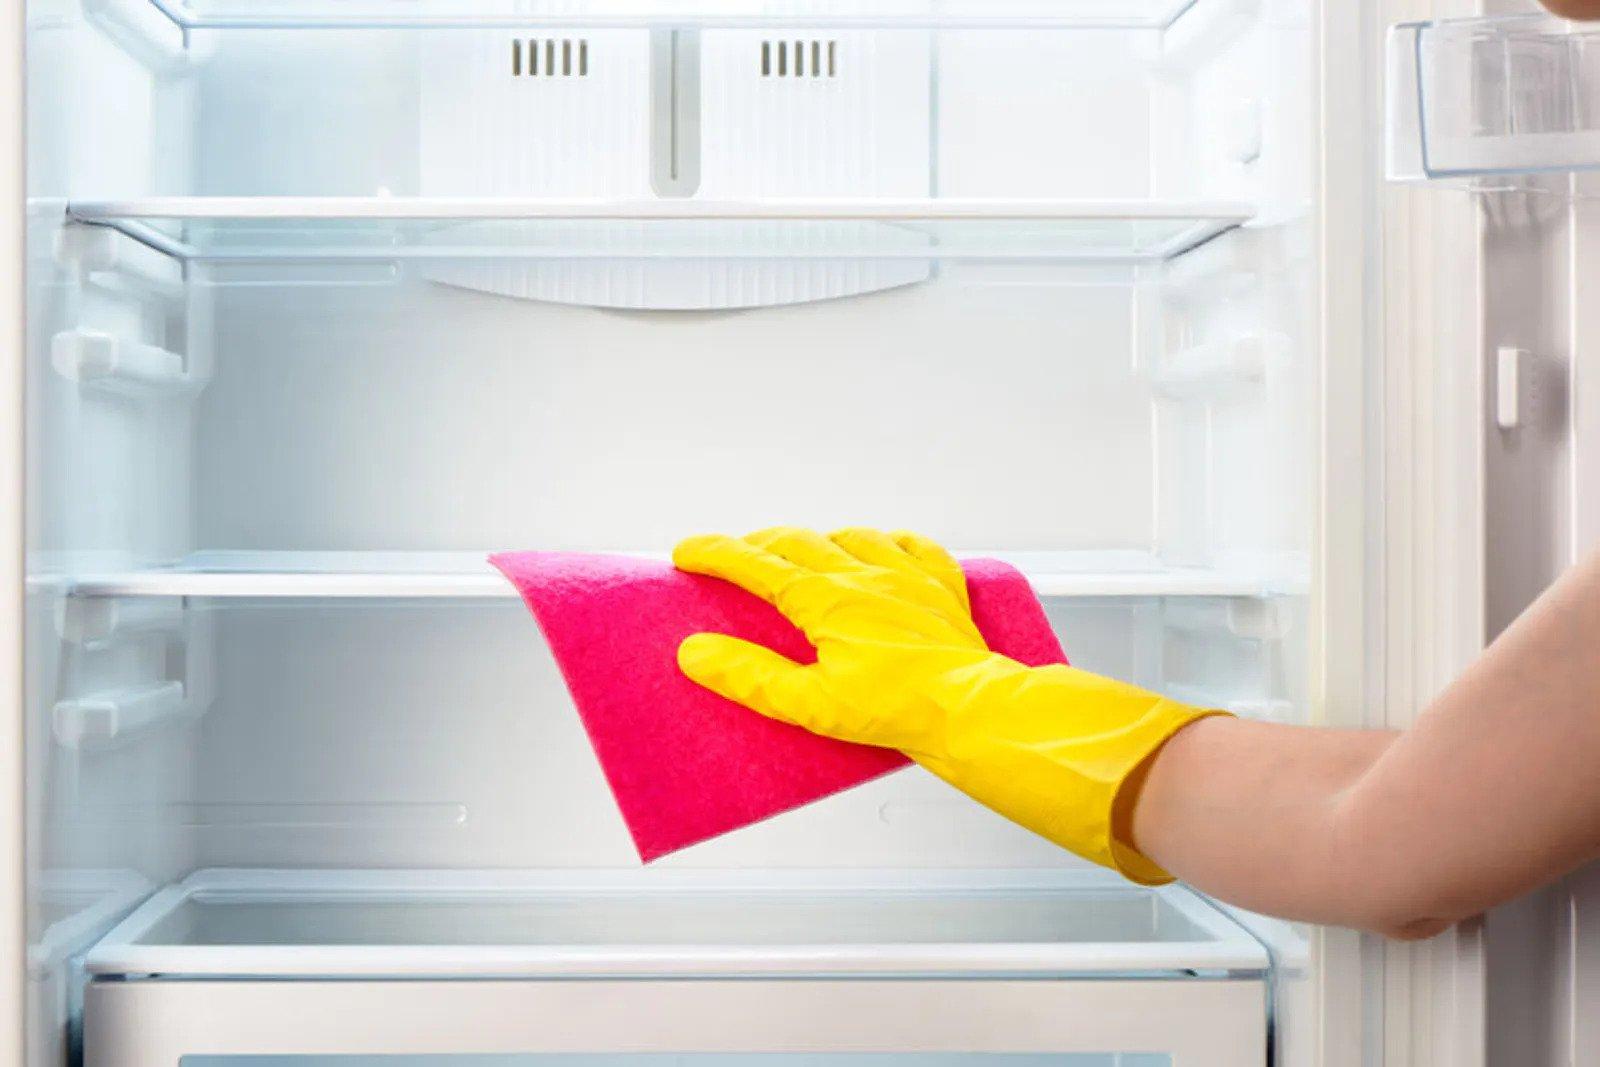 Dezodorizeaza frigiderul